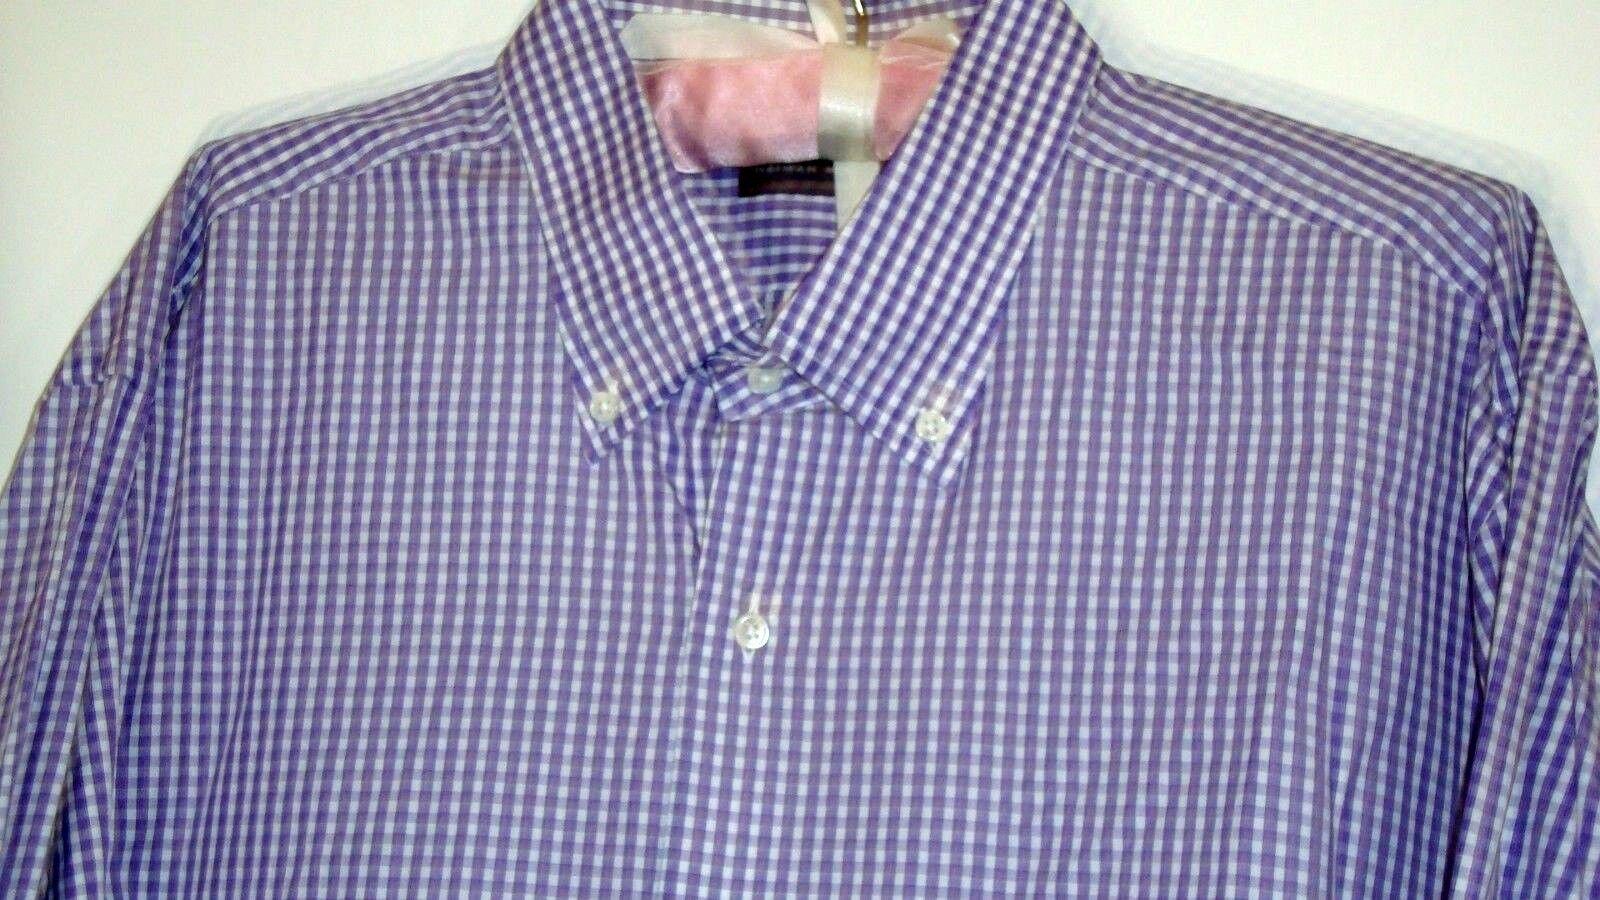 NEIMAN MARCUS MEN'S CASUAL DRESS SHIRT-SIZE 2XL-PURPLE STRIPE-NWOT-FREE SHIPPING